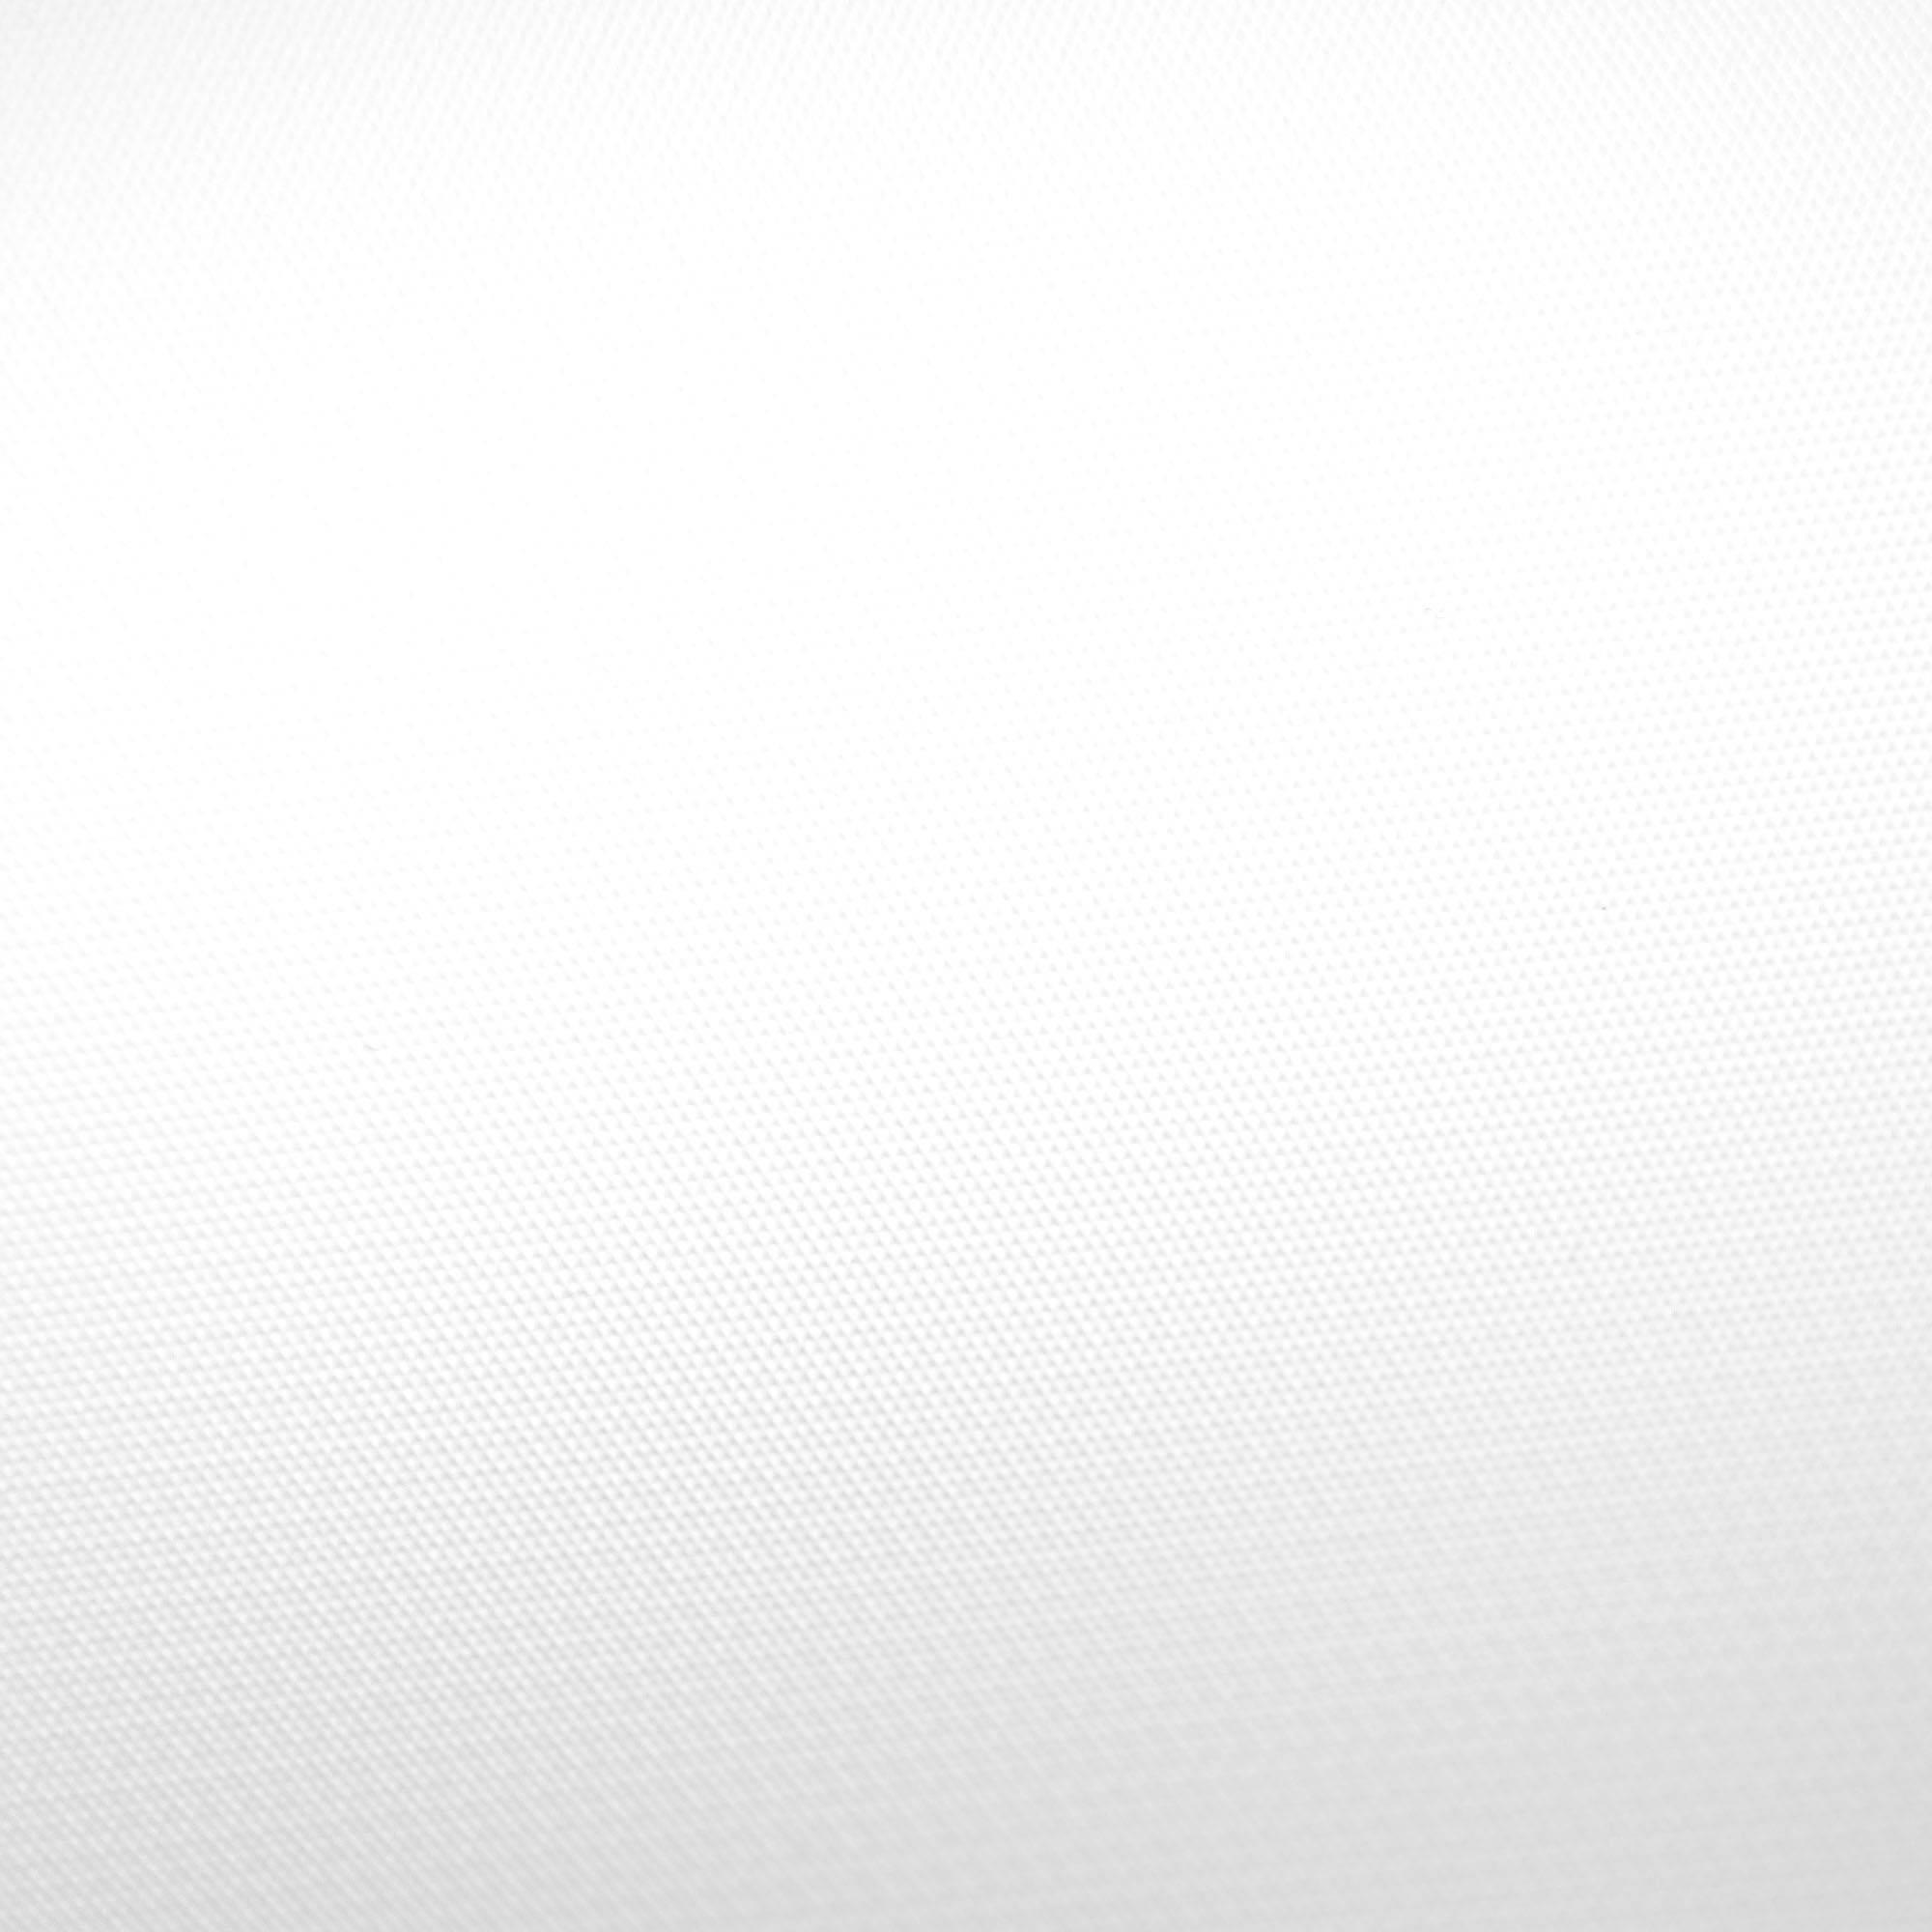 Savage Infinity Vinyl Background (10 x 10', White) V01-1010 B&H